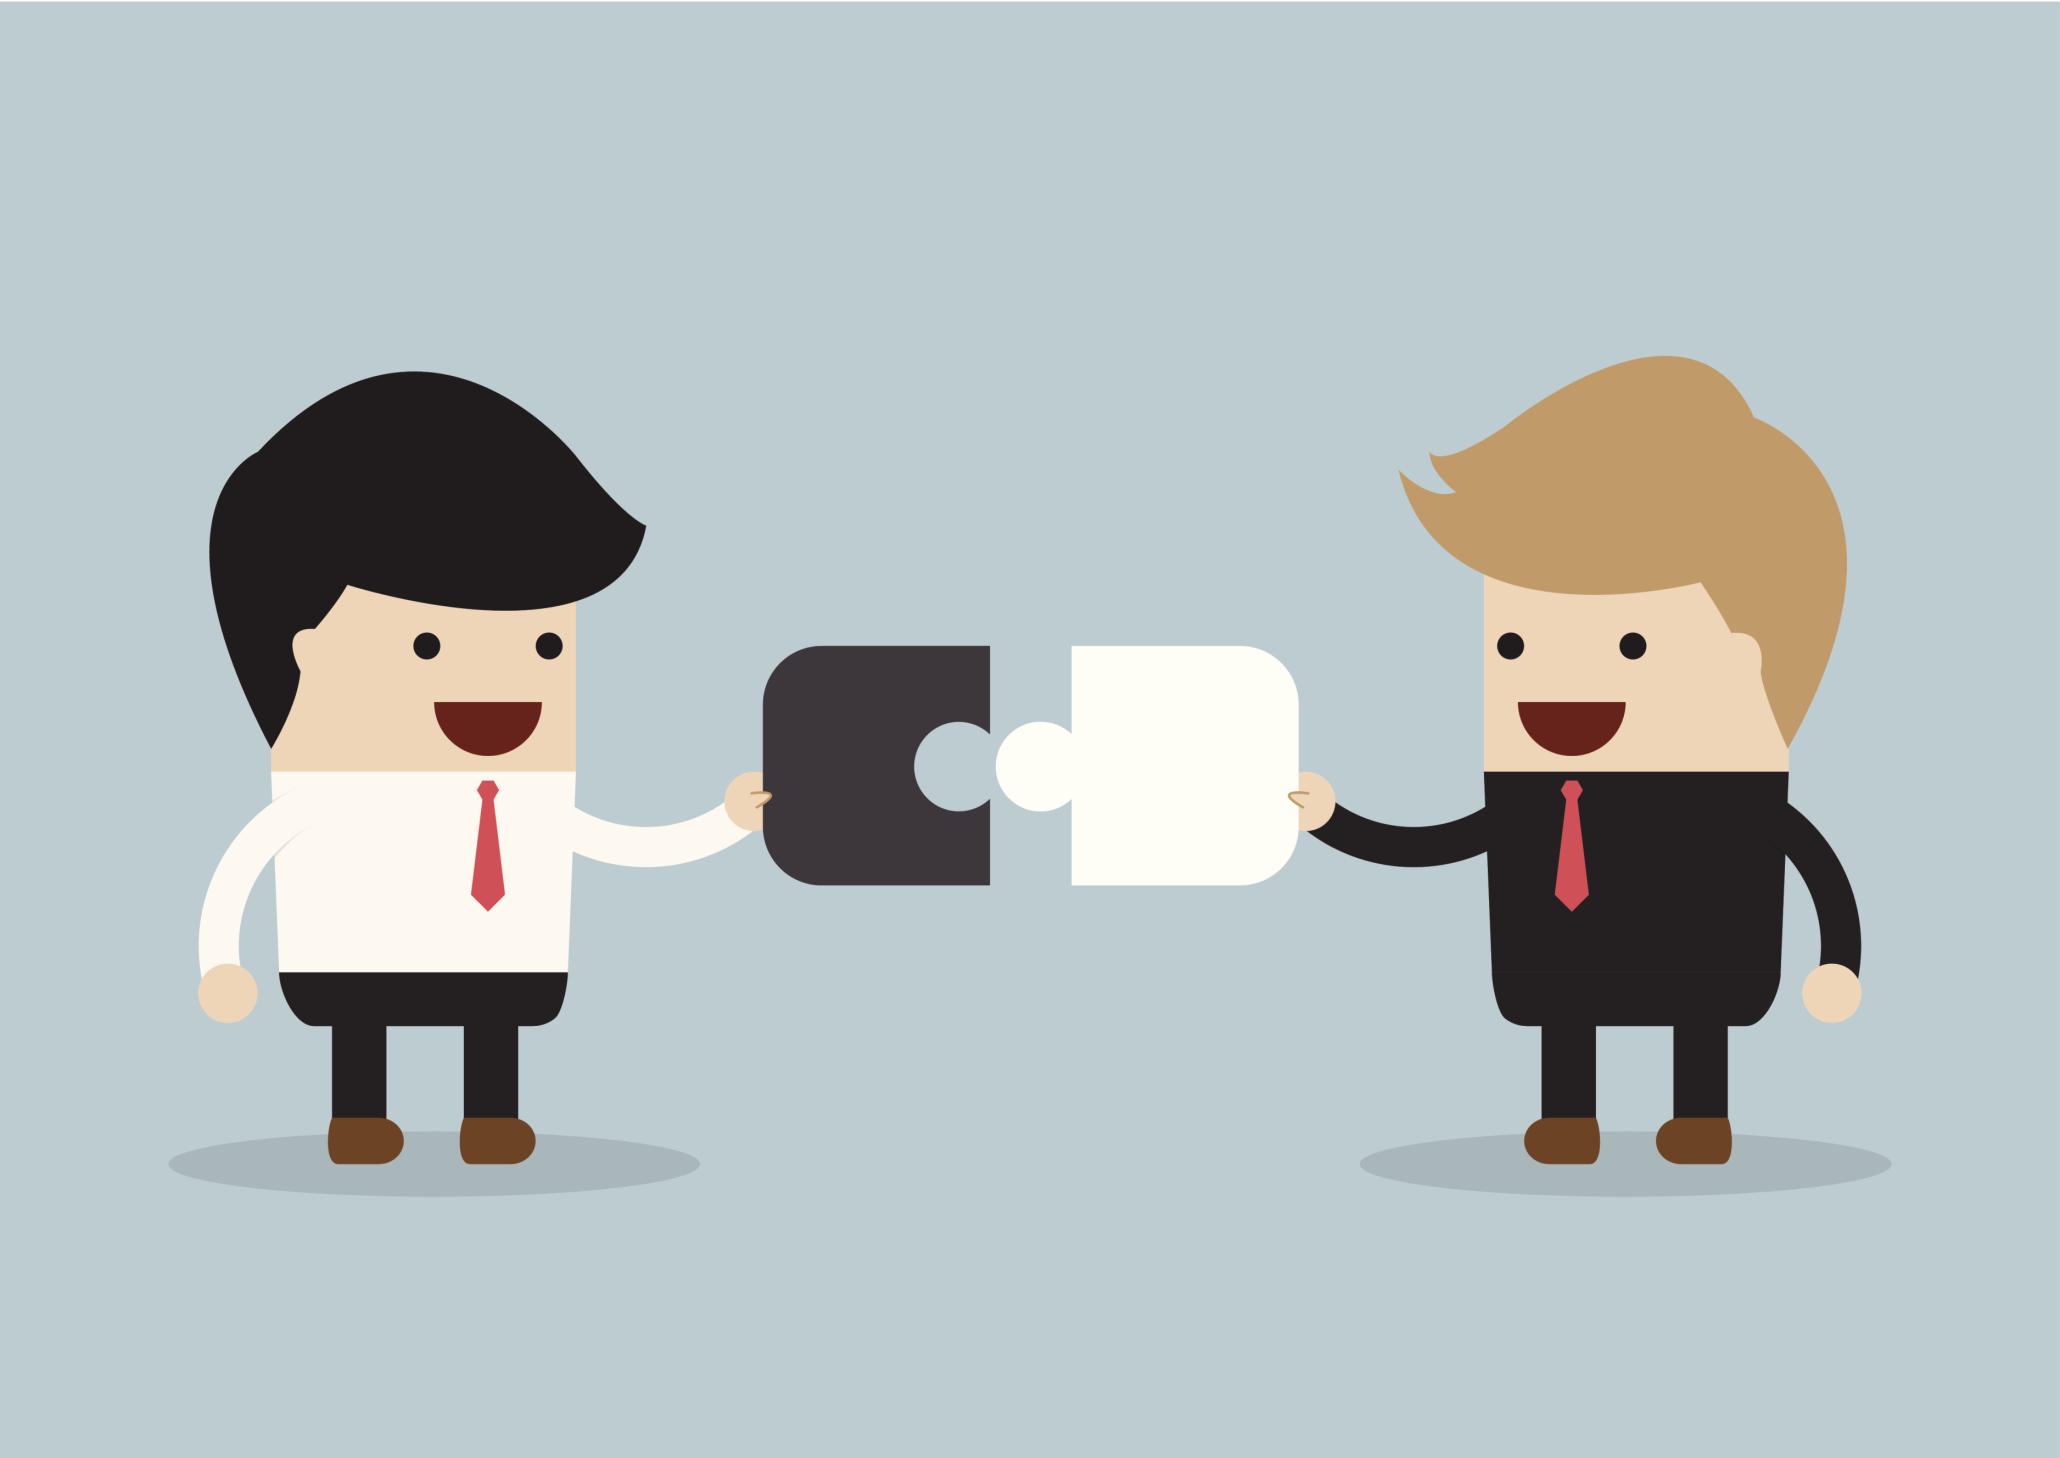 ارتباط قوی با مشتریان